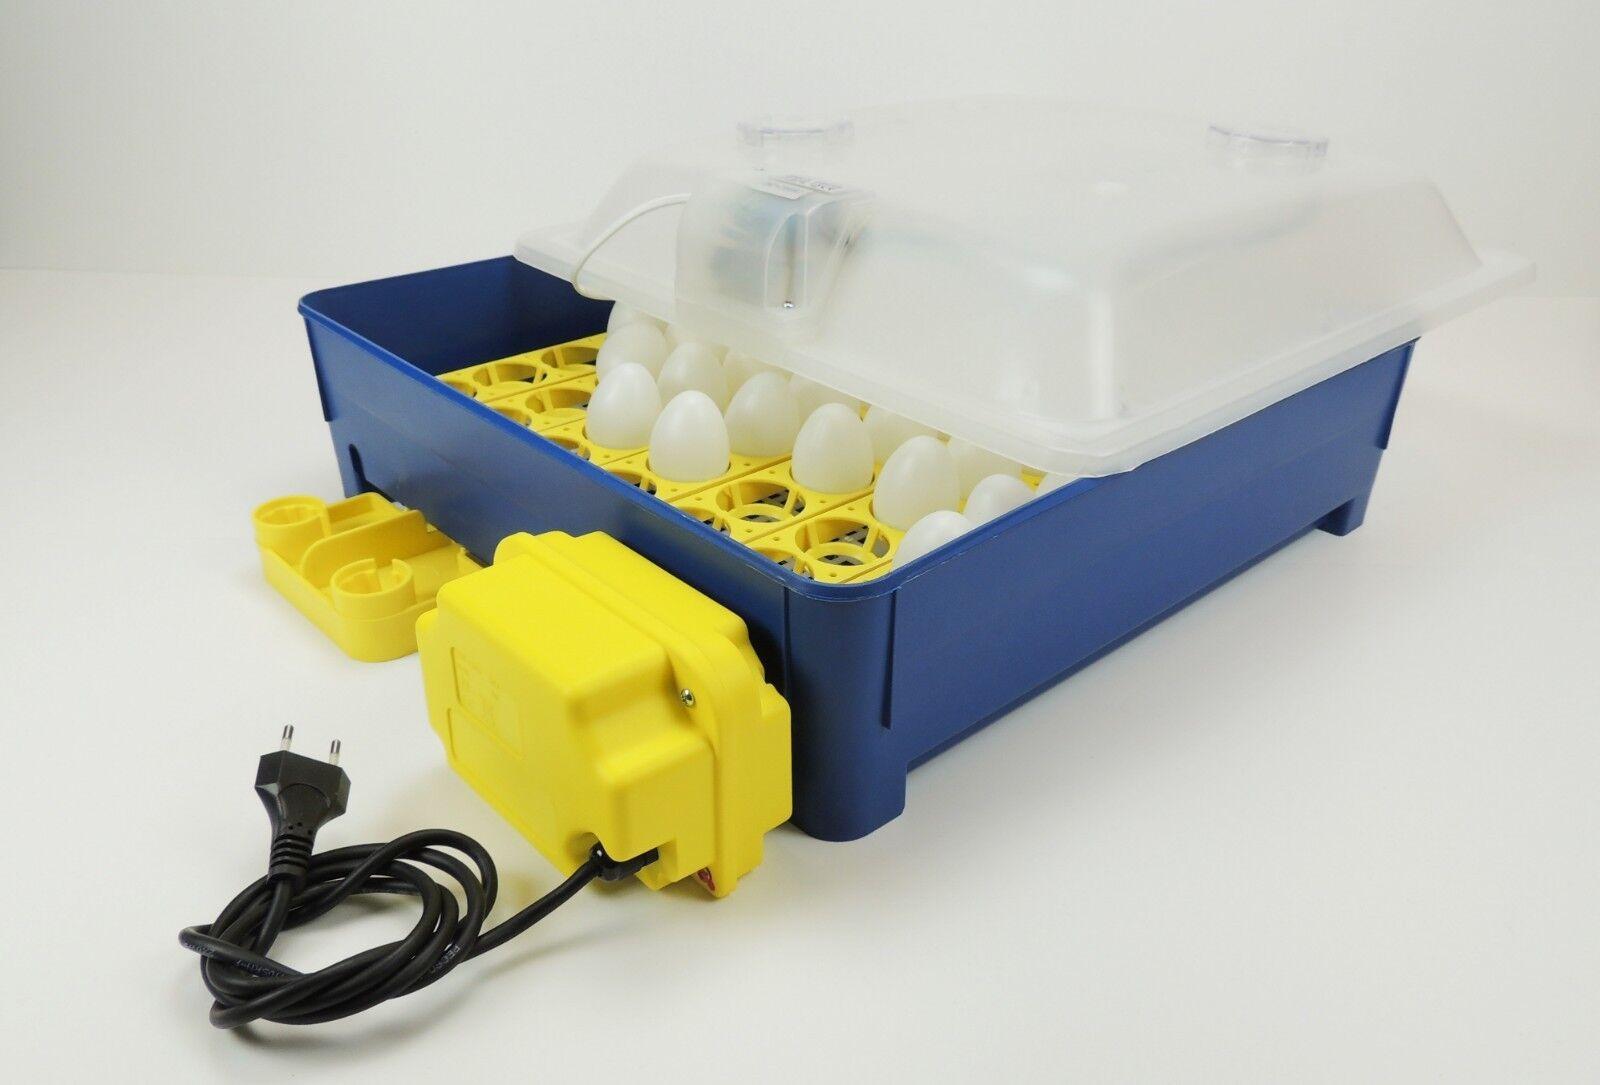 Campo 24 GWM apparato da cova, Incubator, superfici veloci per fino a 60 uova incubatore